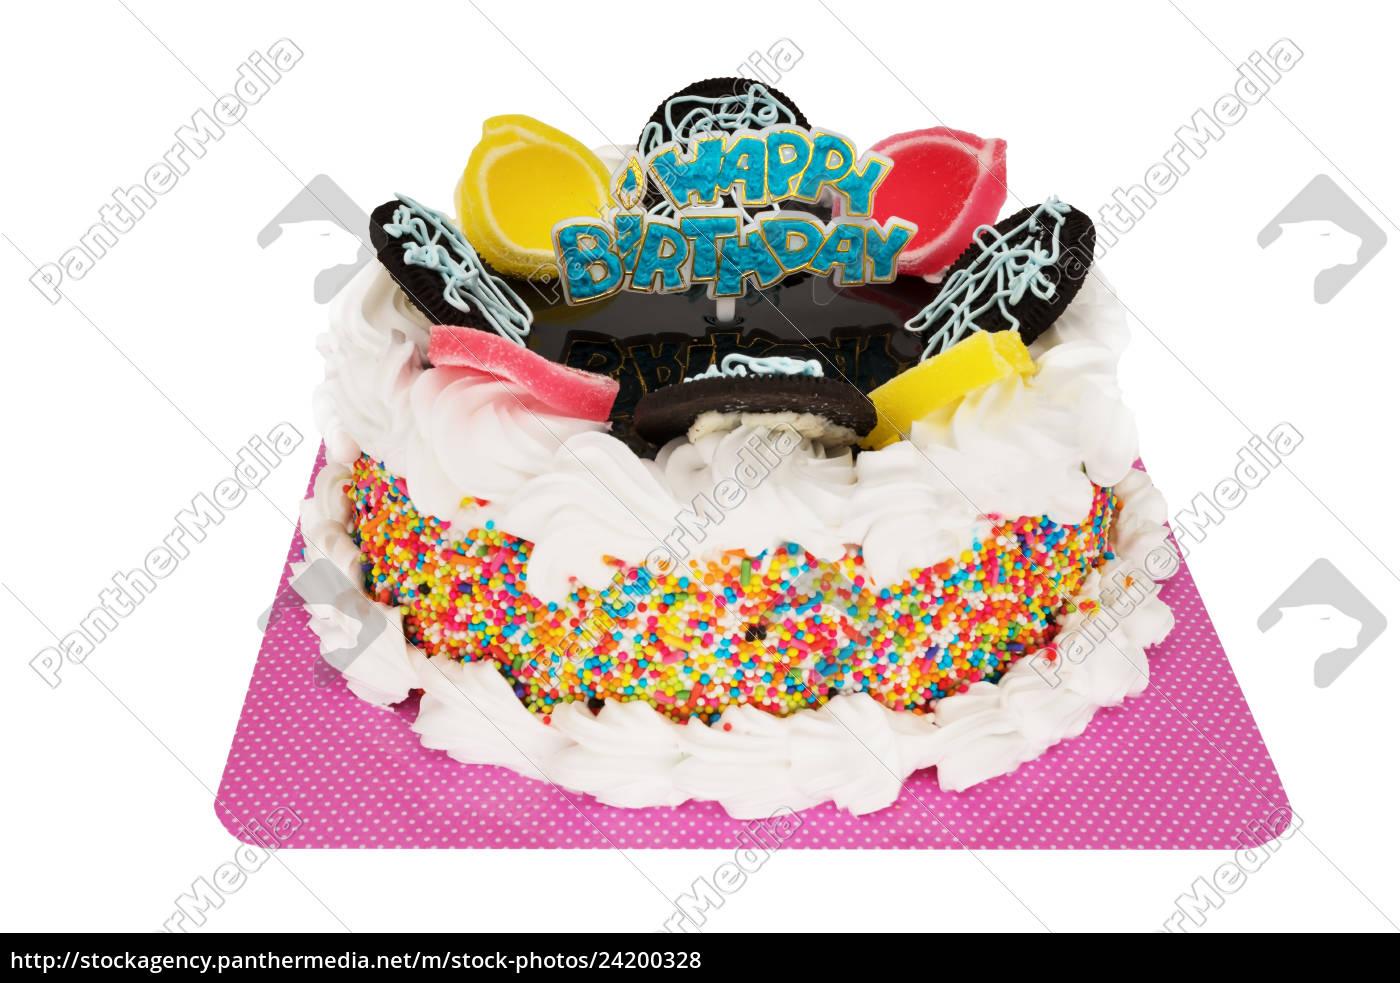 Lizenzfreies Foto 24200328 - Torte Happy Birthday innen Torte Happy Birthday